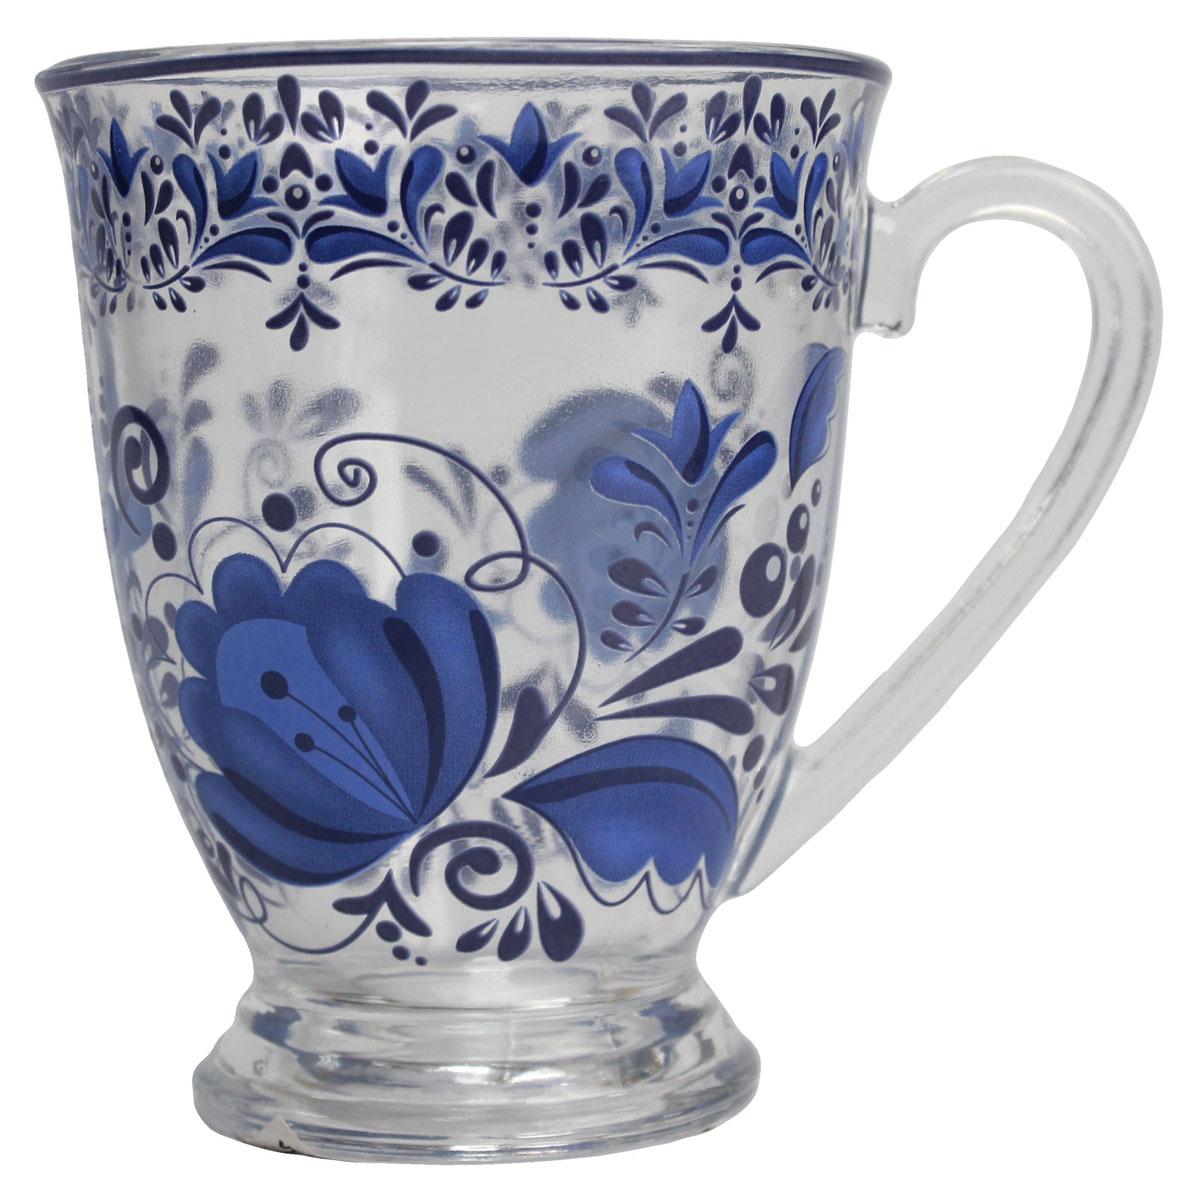 Кружка Vetta Греческие узоры, 360 мл. 879032879032Кружка Vetta Гжельские узоры 360 мл. Изготовленная из стекла и оформленная красивым рисунком, станет незаменимым аксессуаром на вашей кухне.